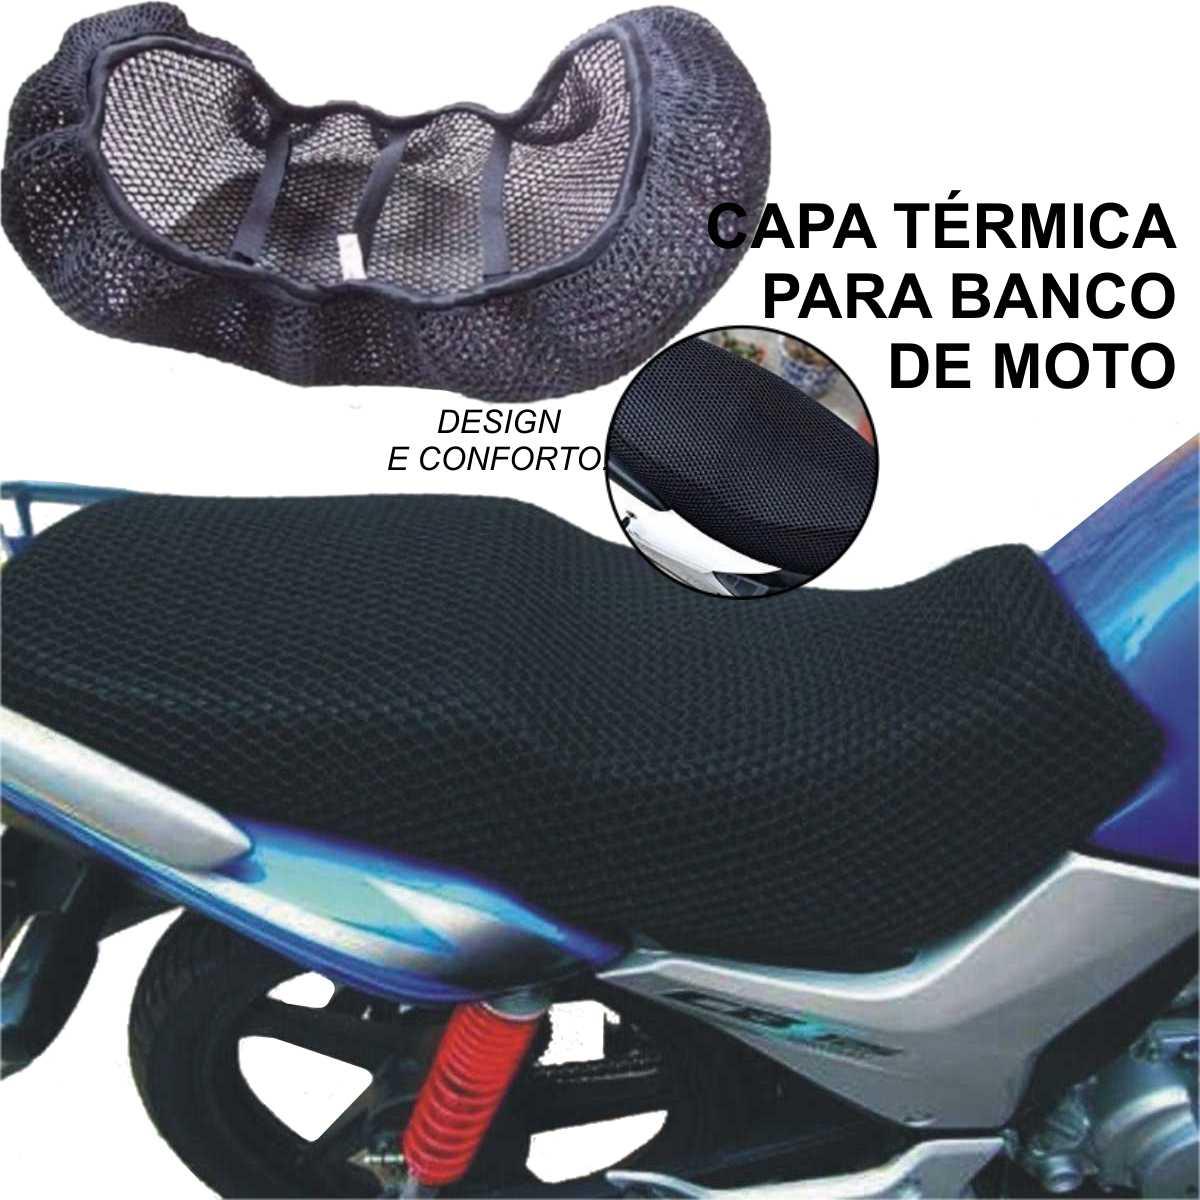 CAPA TÉRMICA PROTETORA DE NYLON GG PARA BANCO DE MOTO CG CB TITAN FAN YBR FACTOR BROS BIZ POP YES